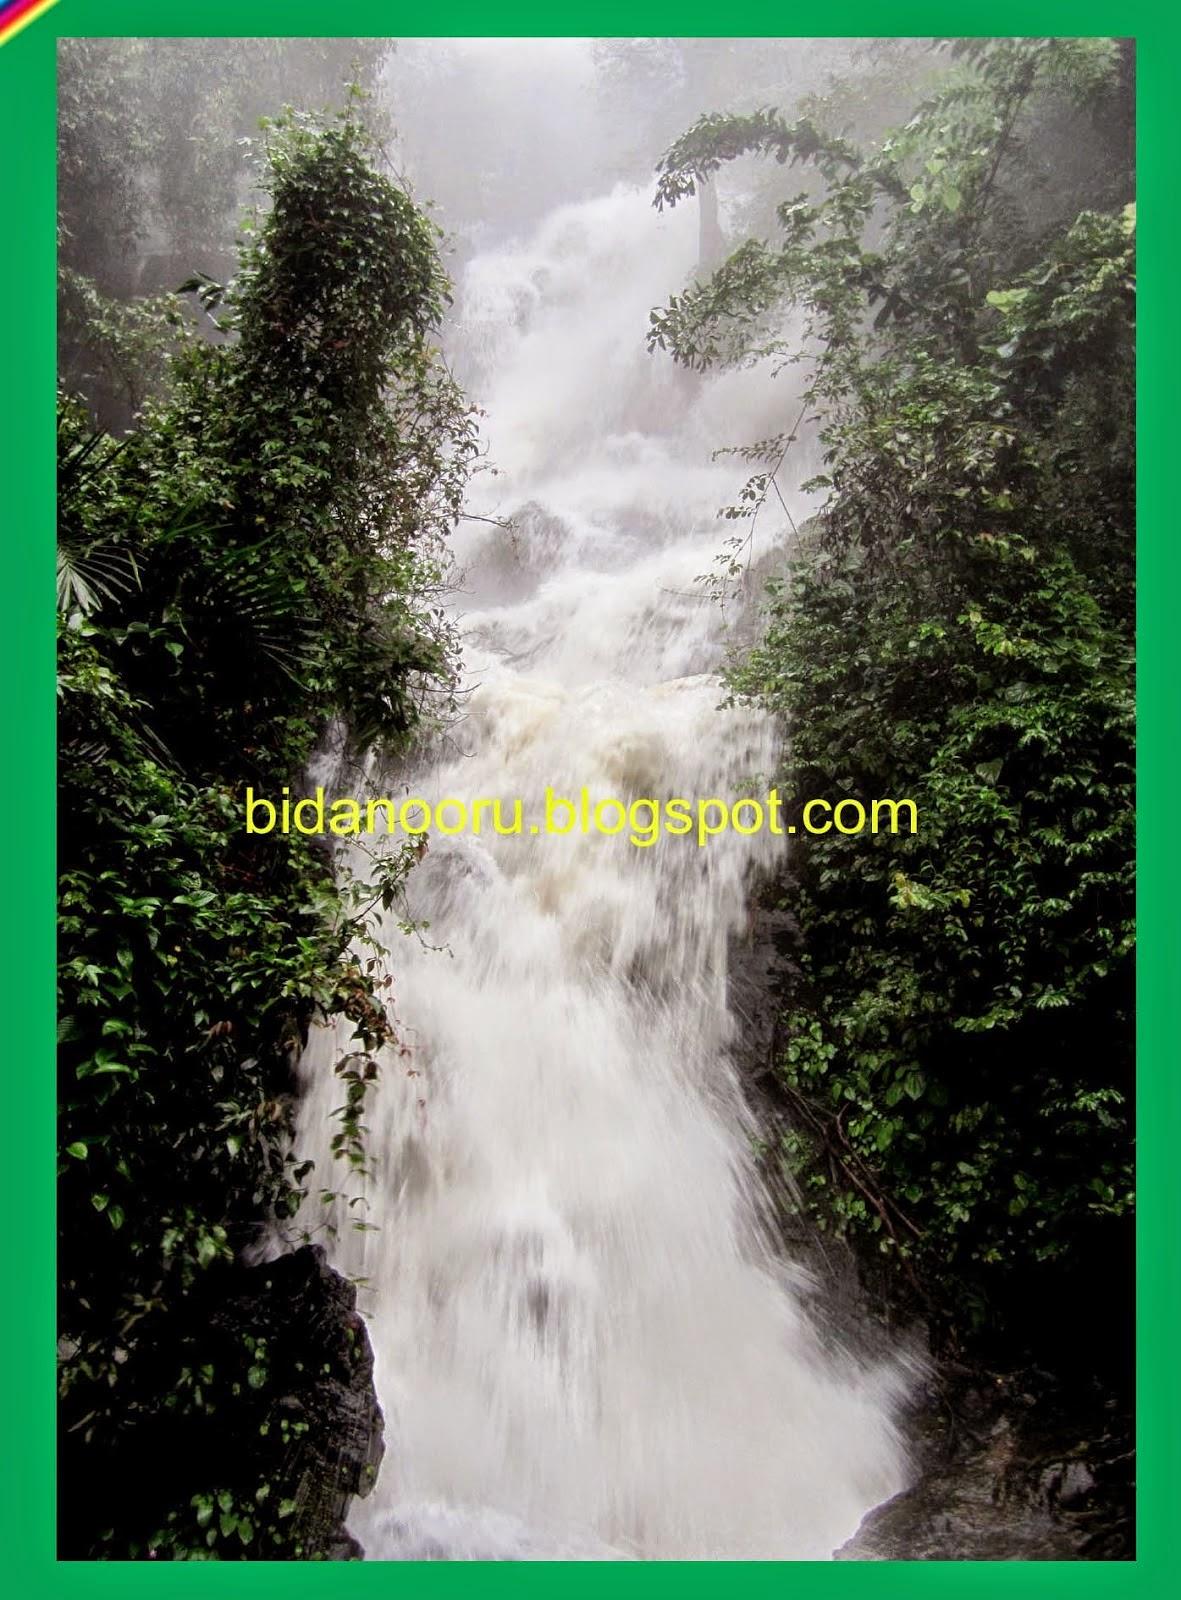 balebare falls